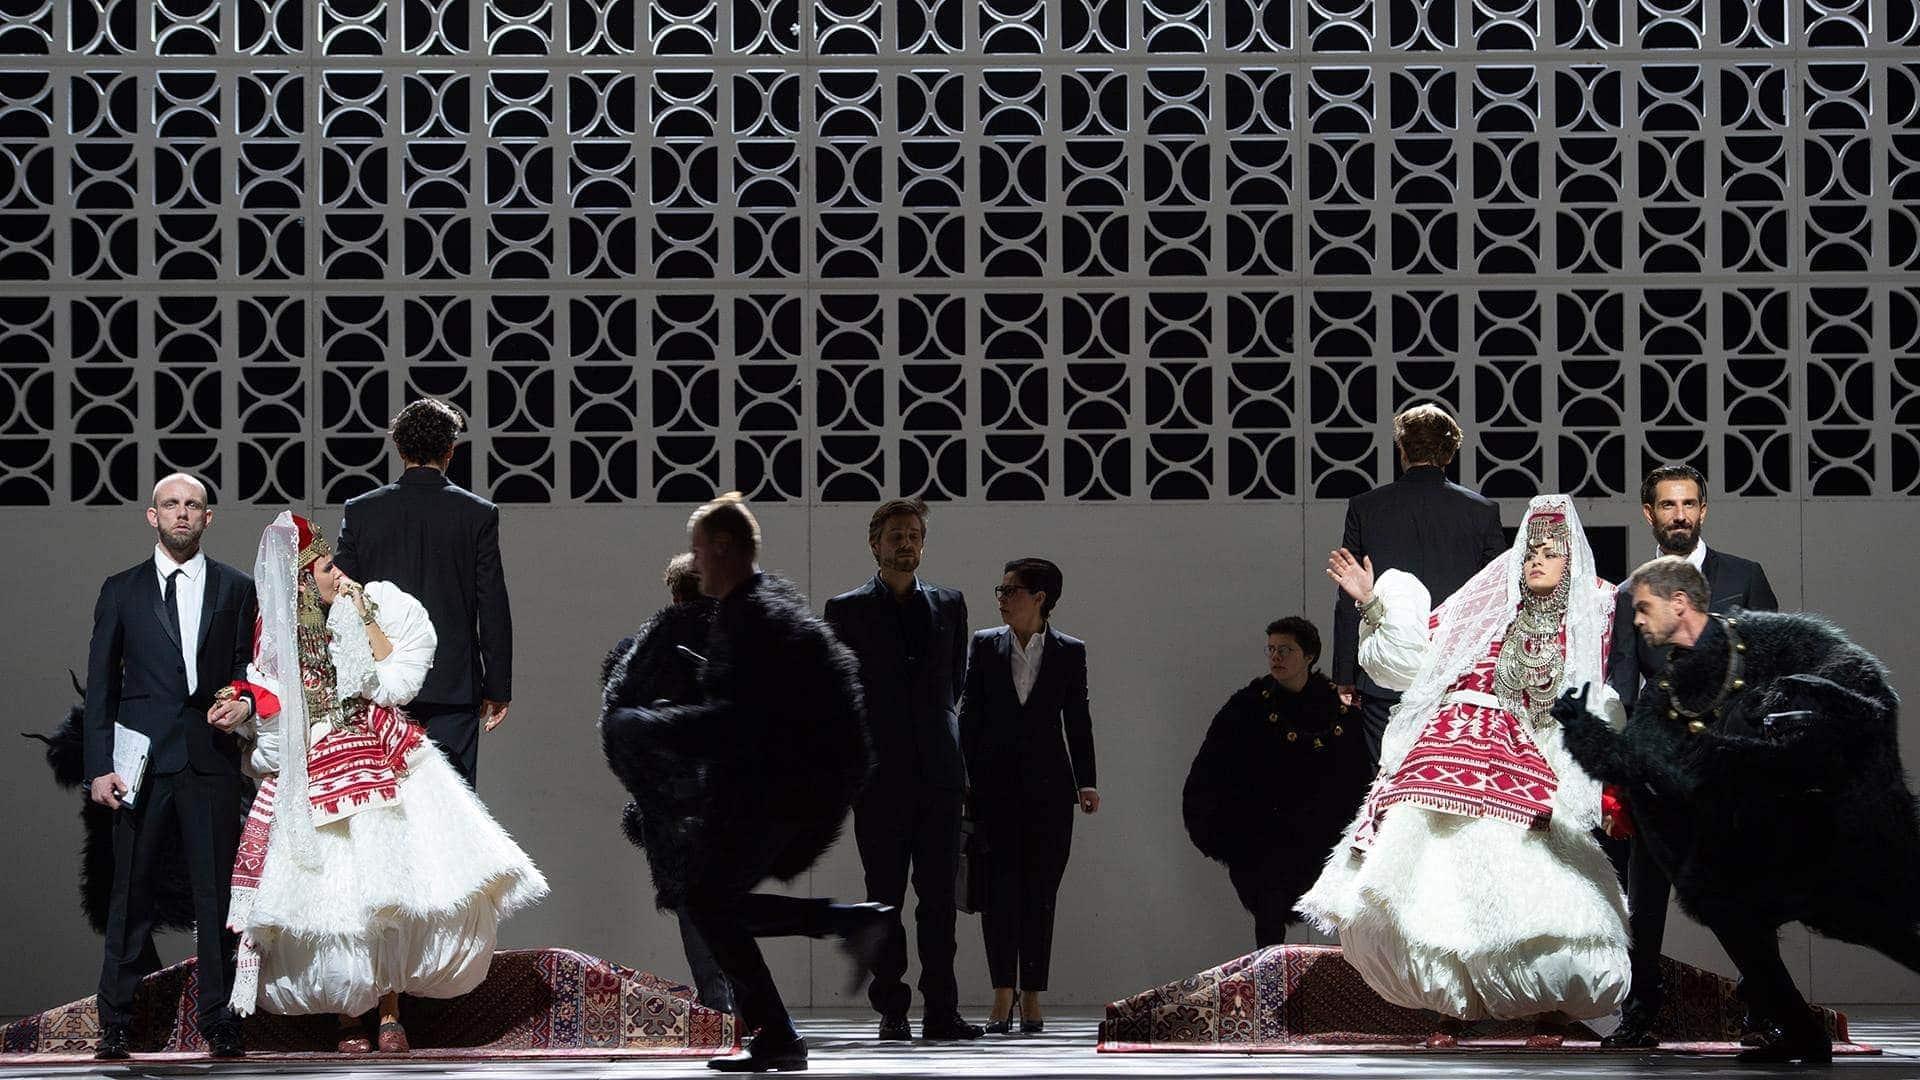 """Сцена из оперы Моцарта """"Cosi fan tutte"""" в постановке Кирилла Серебренникова. Фото предоставлены Цюрихской оперой, автор - Monika Rittershaus."""